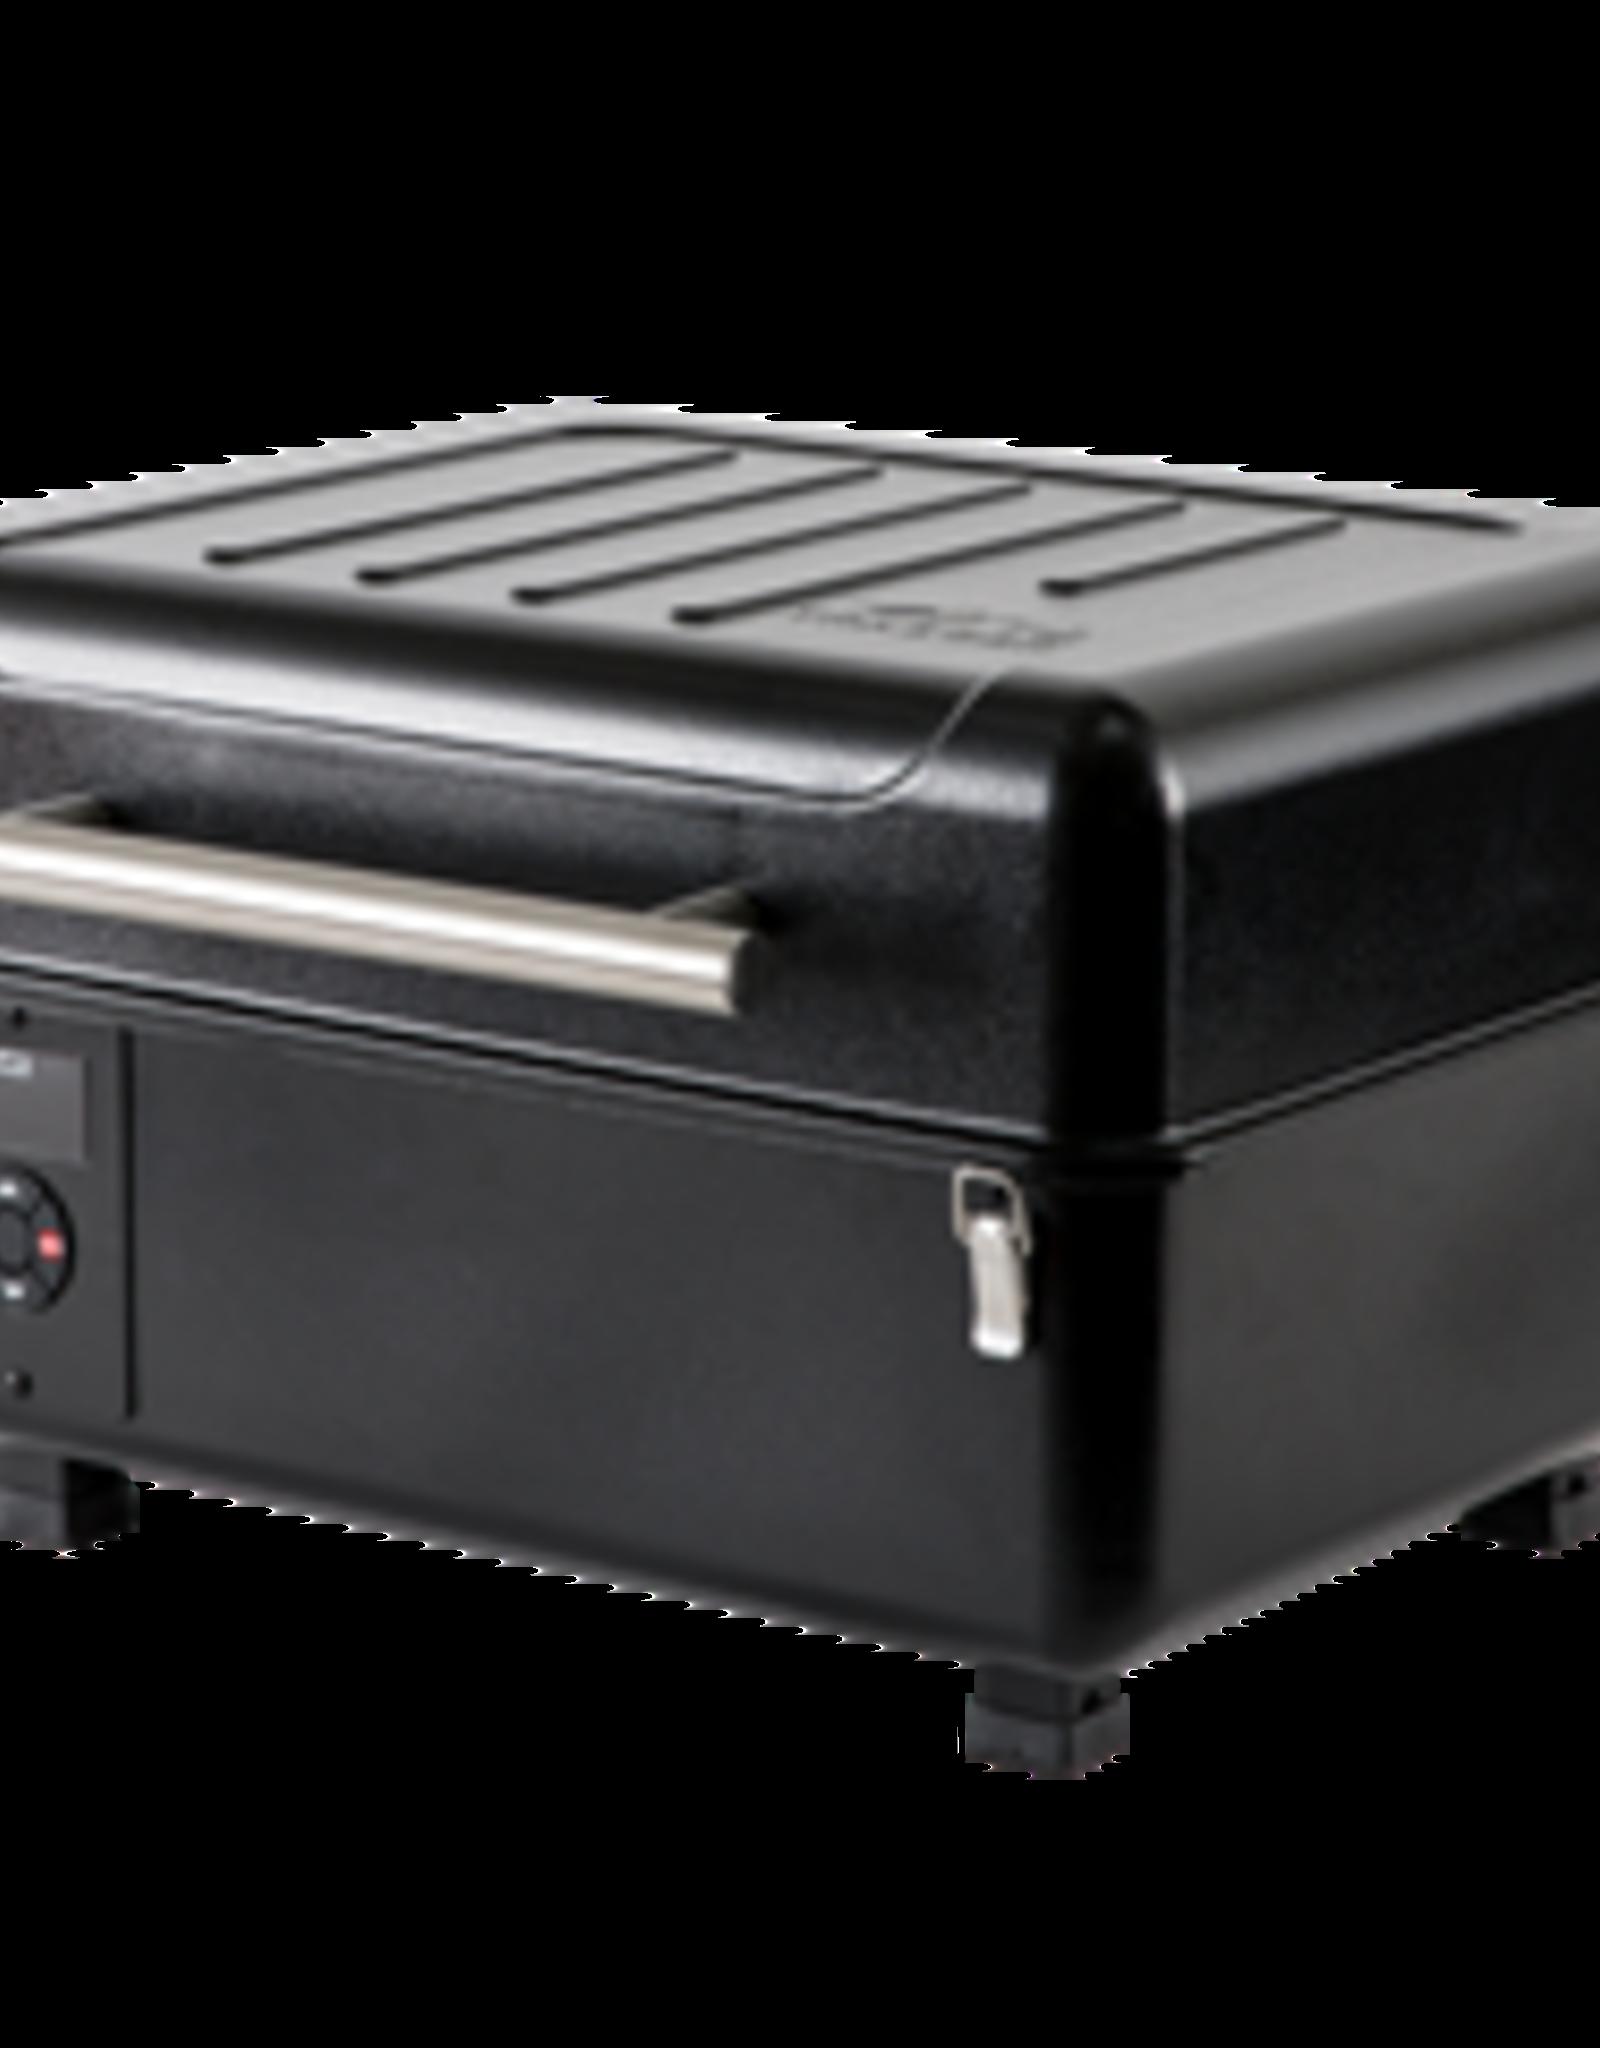 Traeger Traeger Ranger Portable Pellet Grill - TFT18KLD